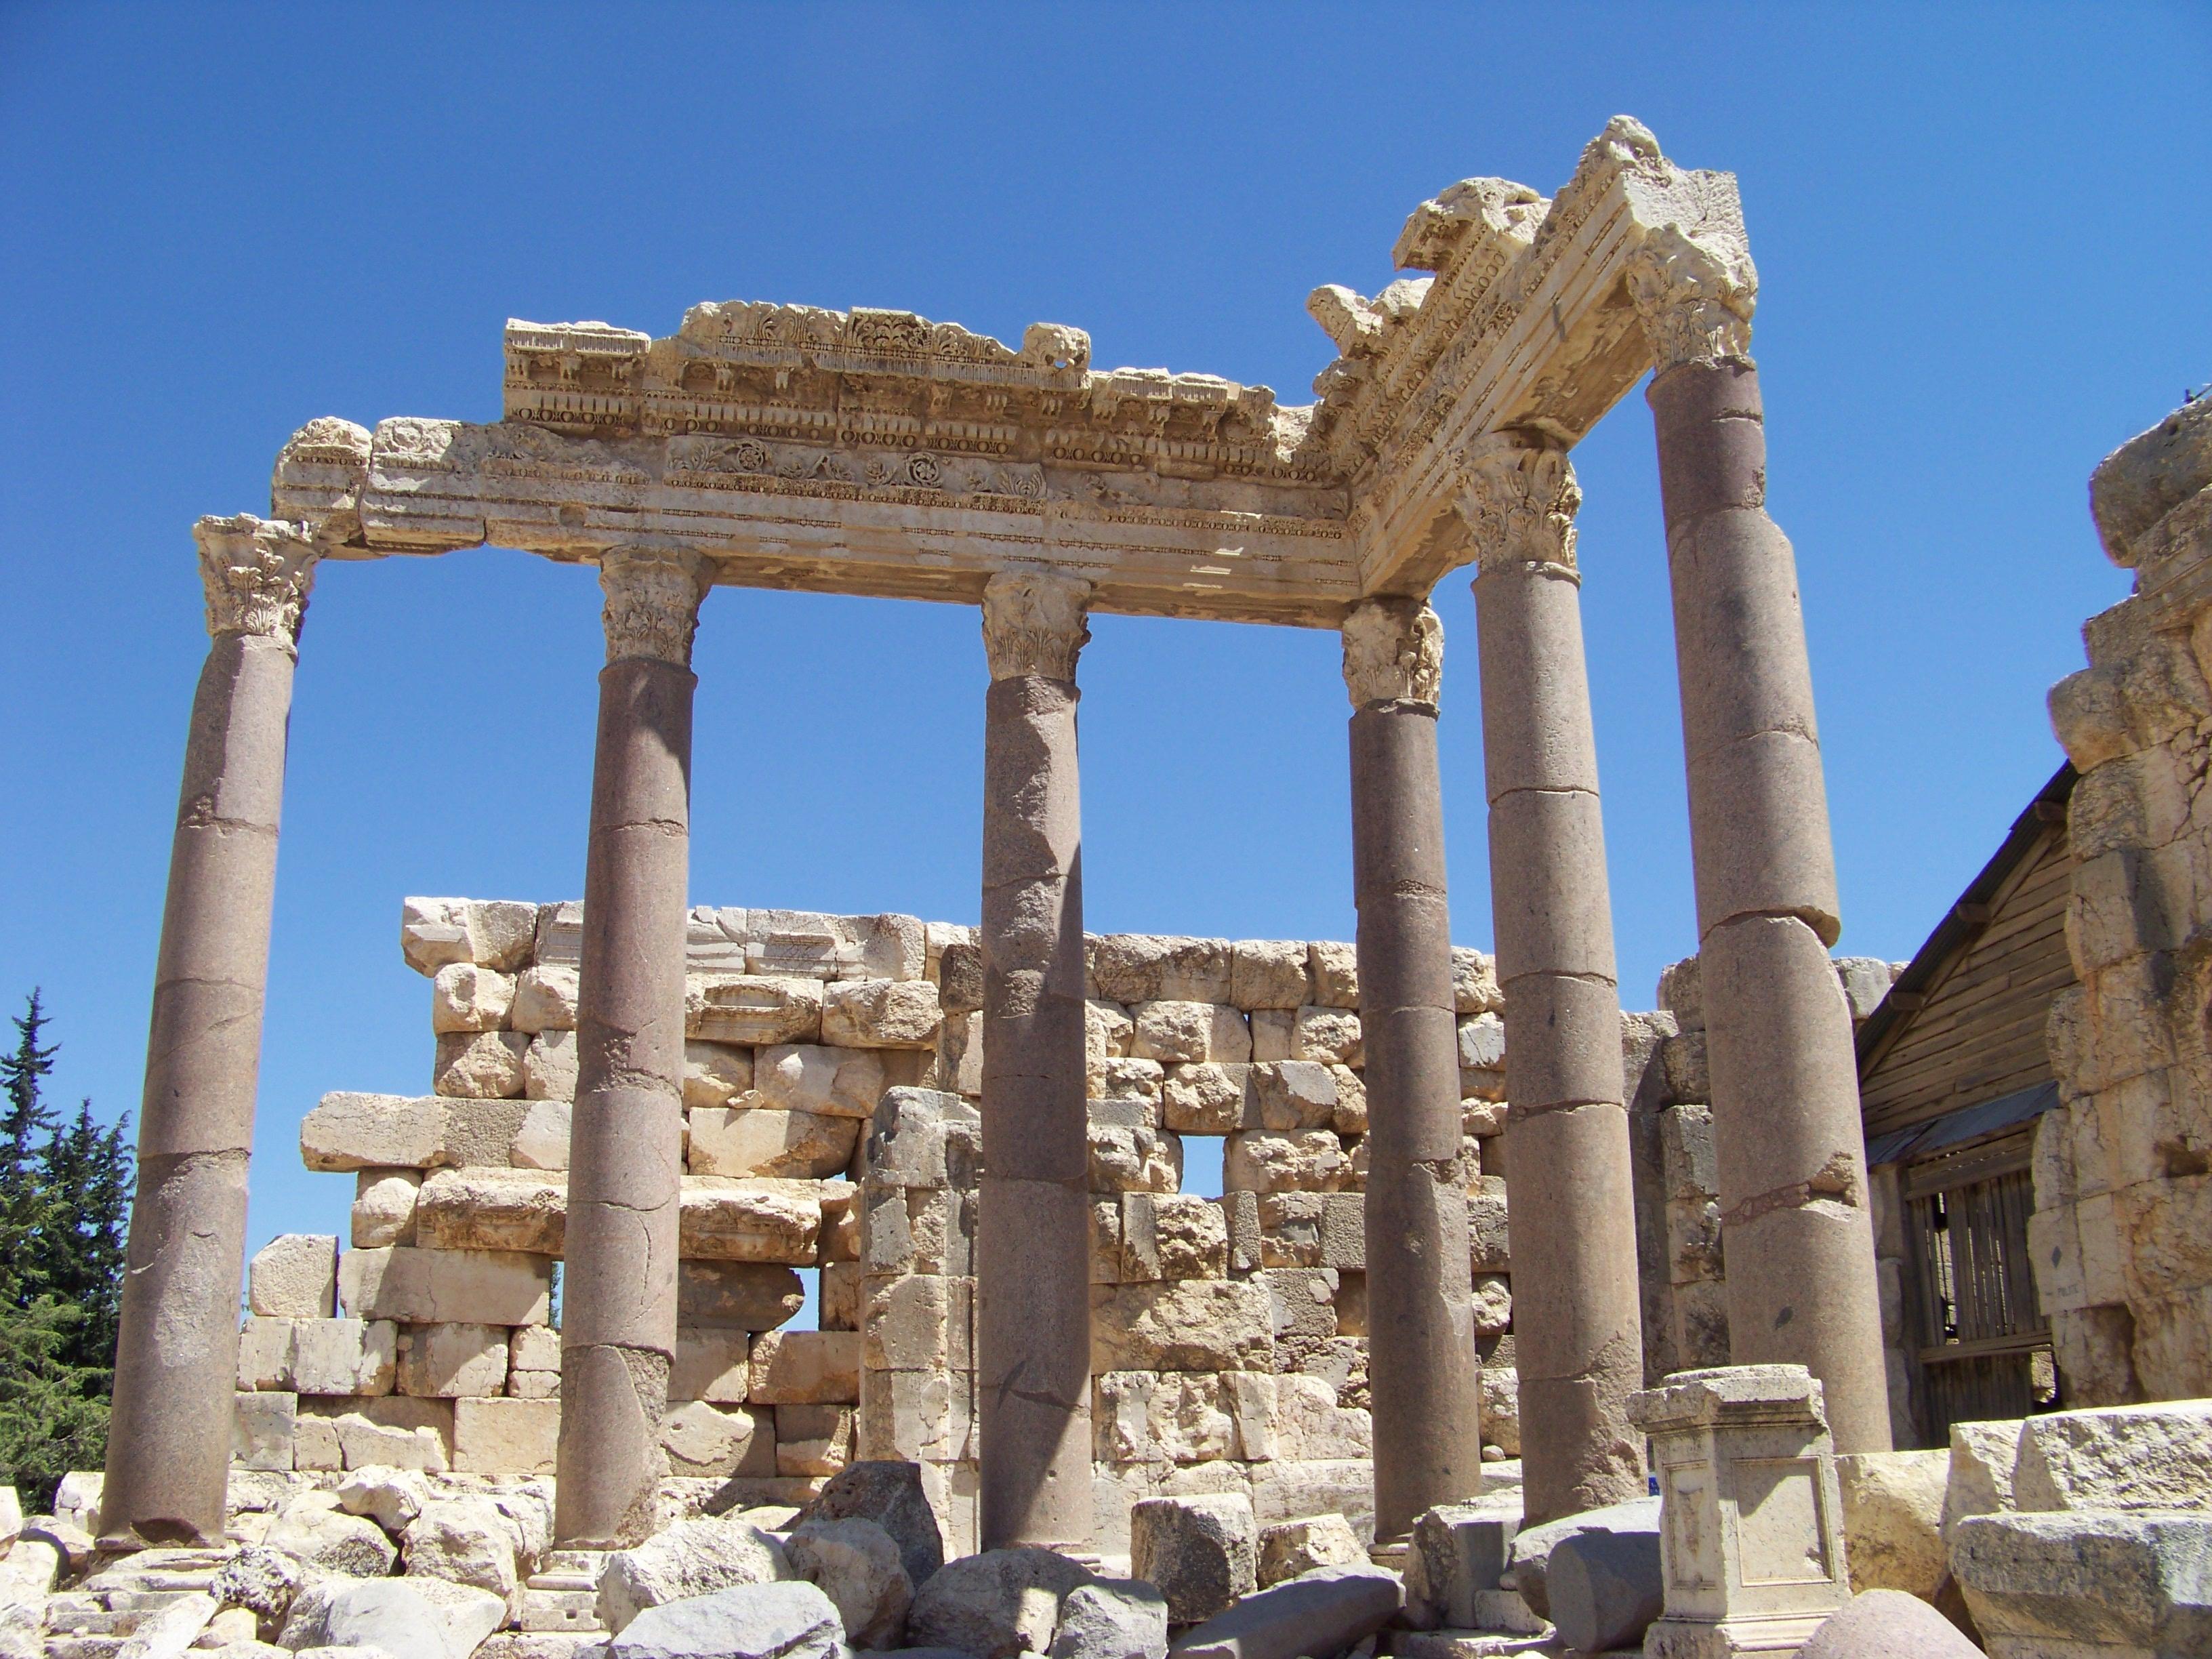 Columns at Baalbek